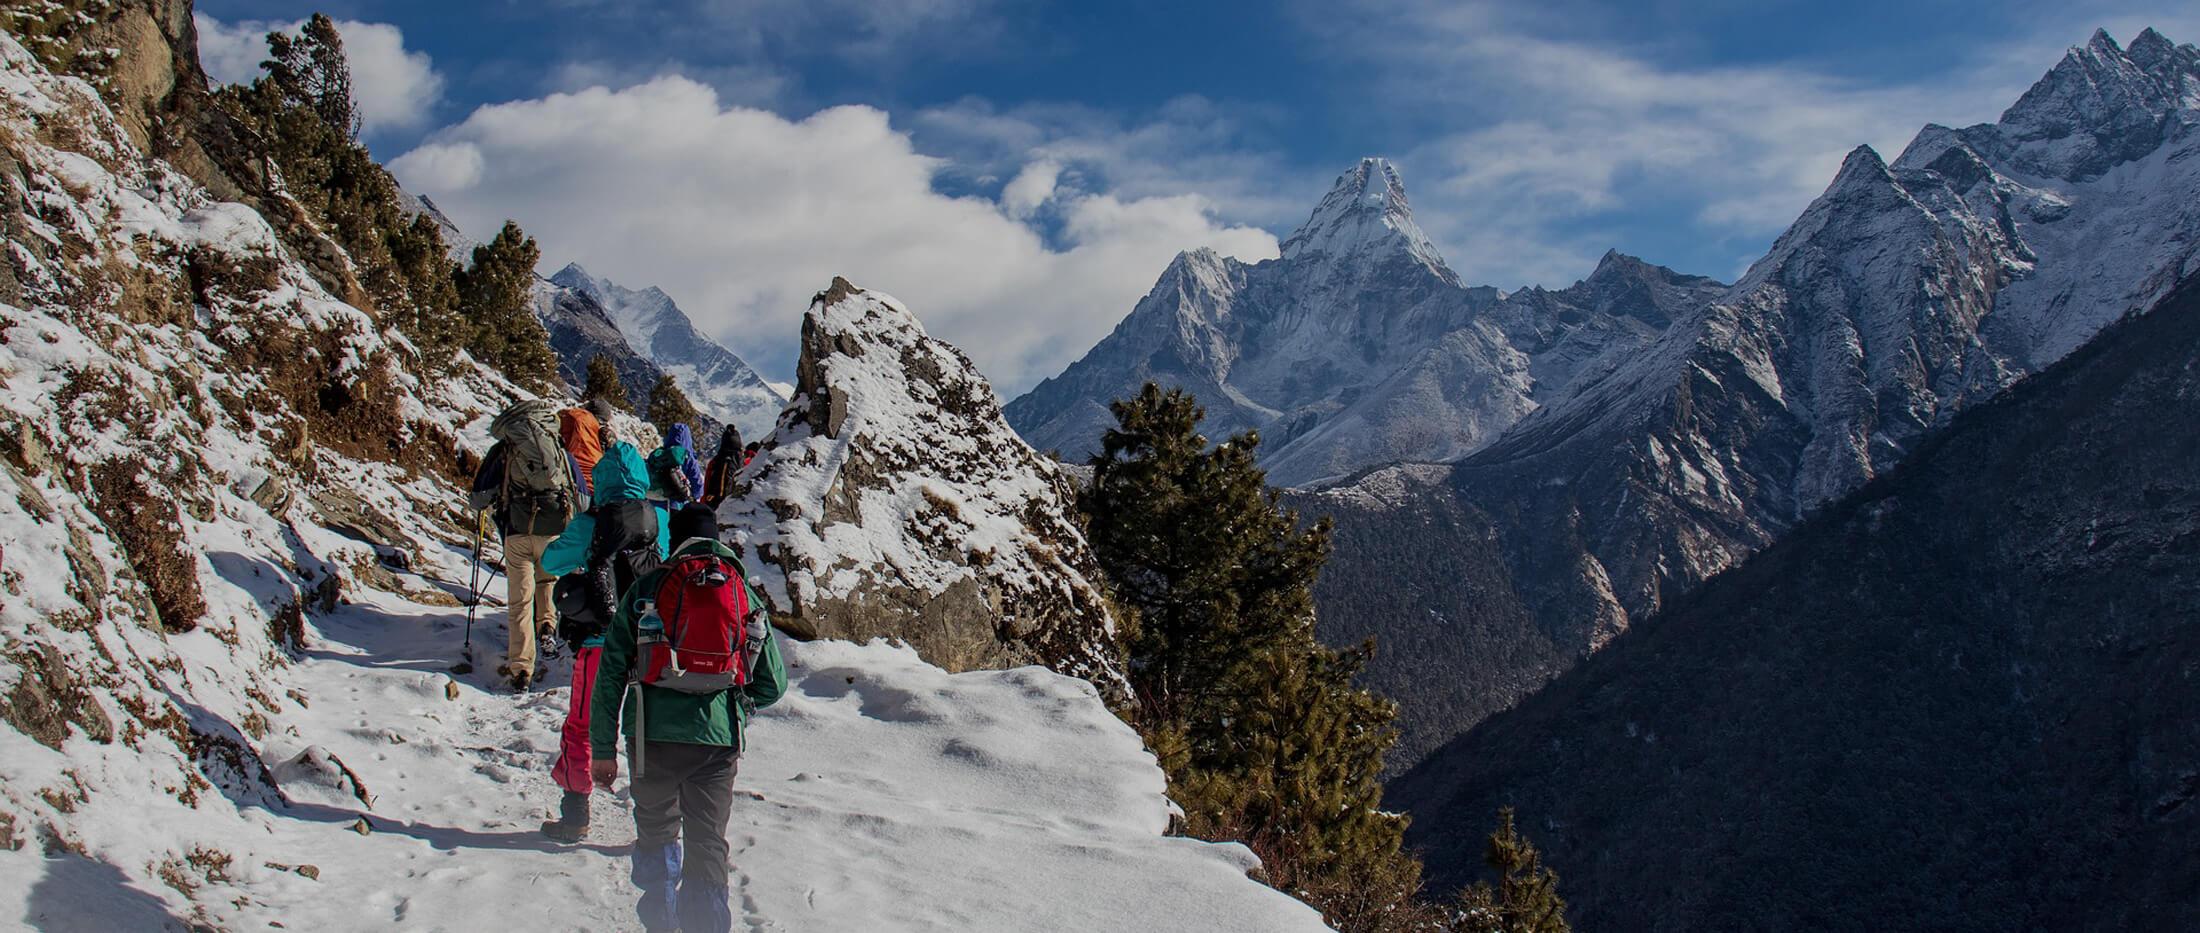 5 Pour Conseils Trek Réussir Népal Au Son FFH6nxr